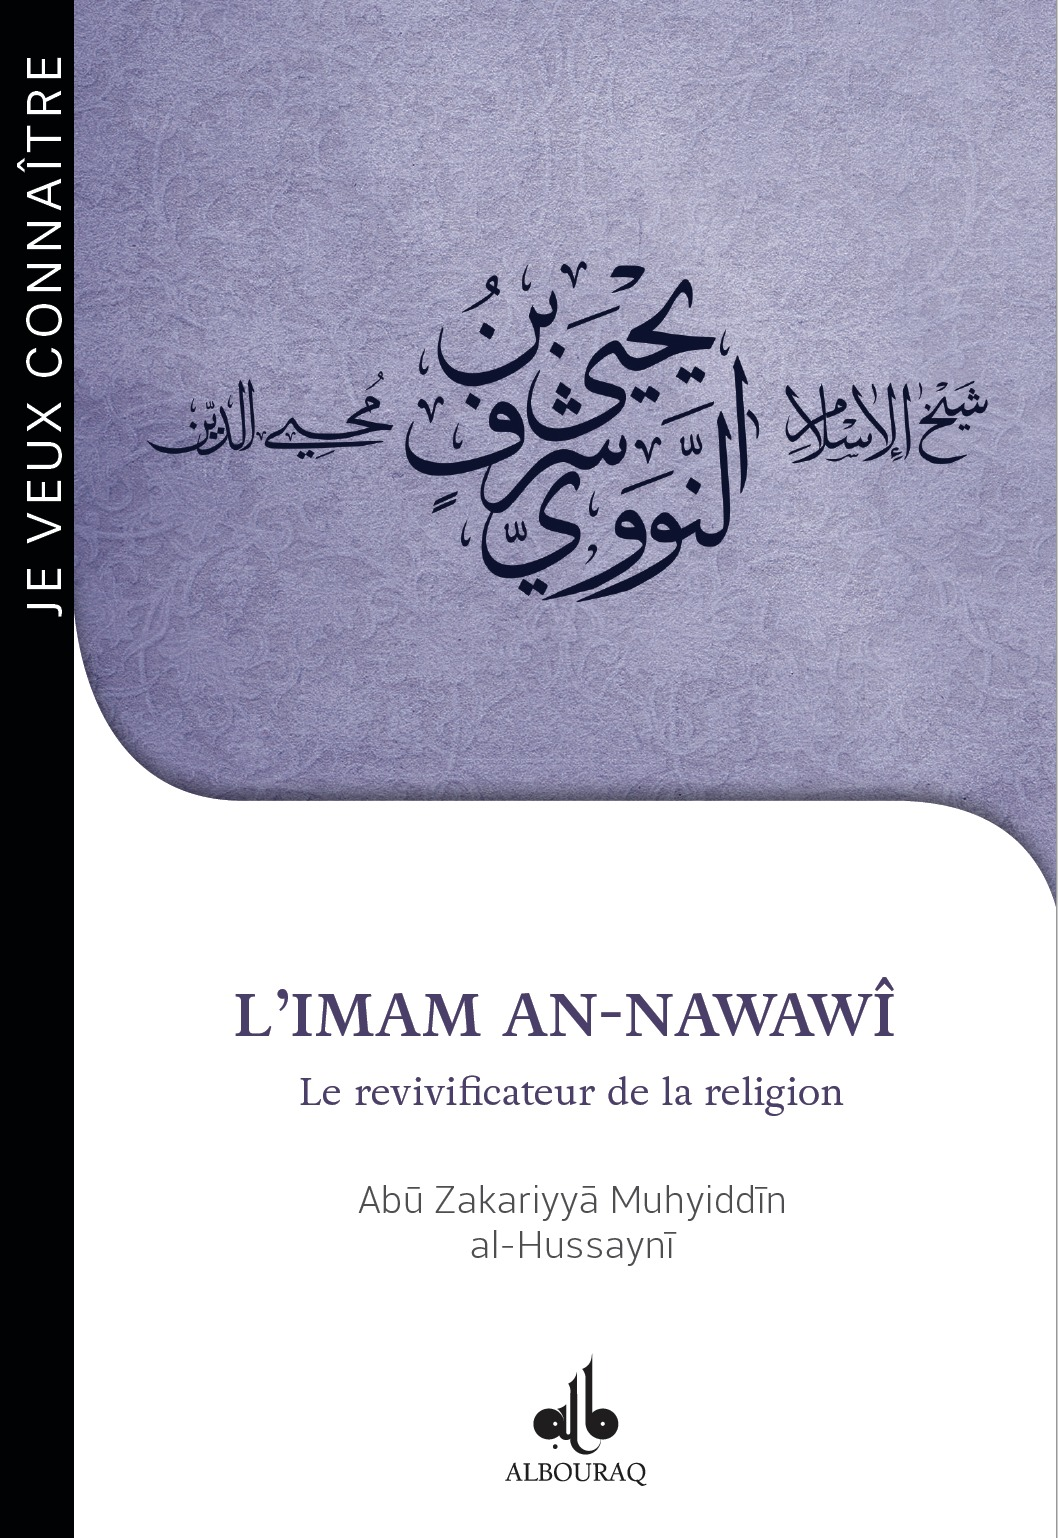 JE VEUX CONNAITRE L'IMAM AN-NAWAWI : LE REVIVIFICATEUR DE LA RELIGION